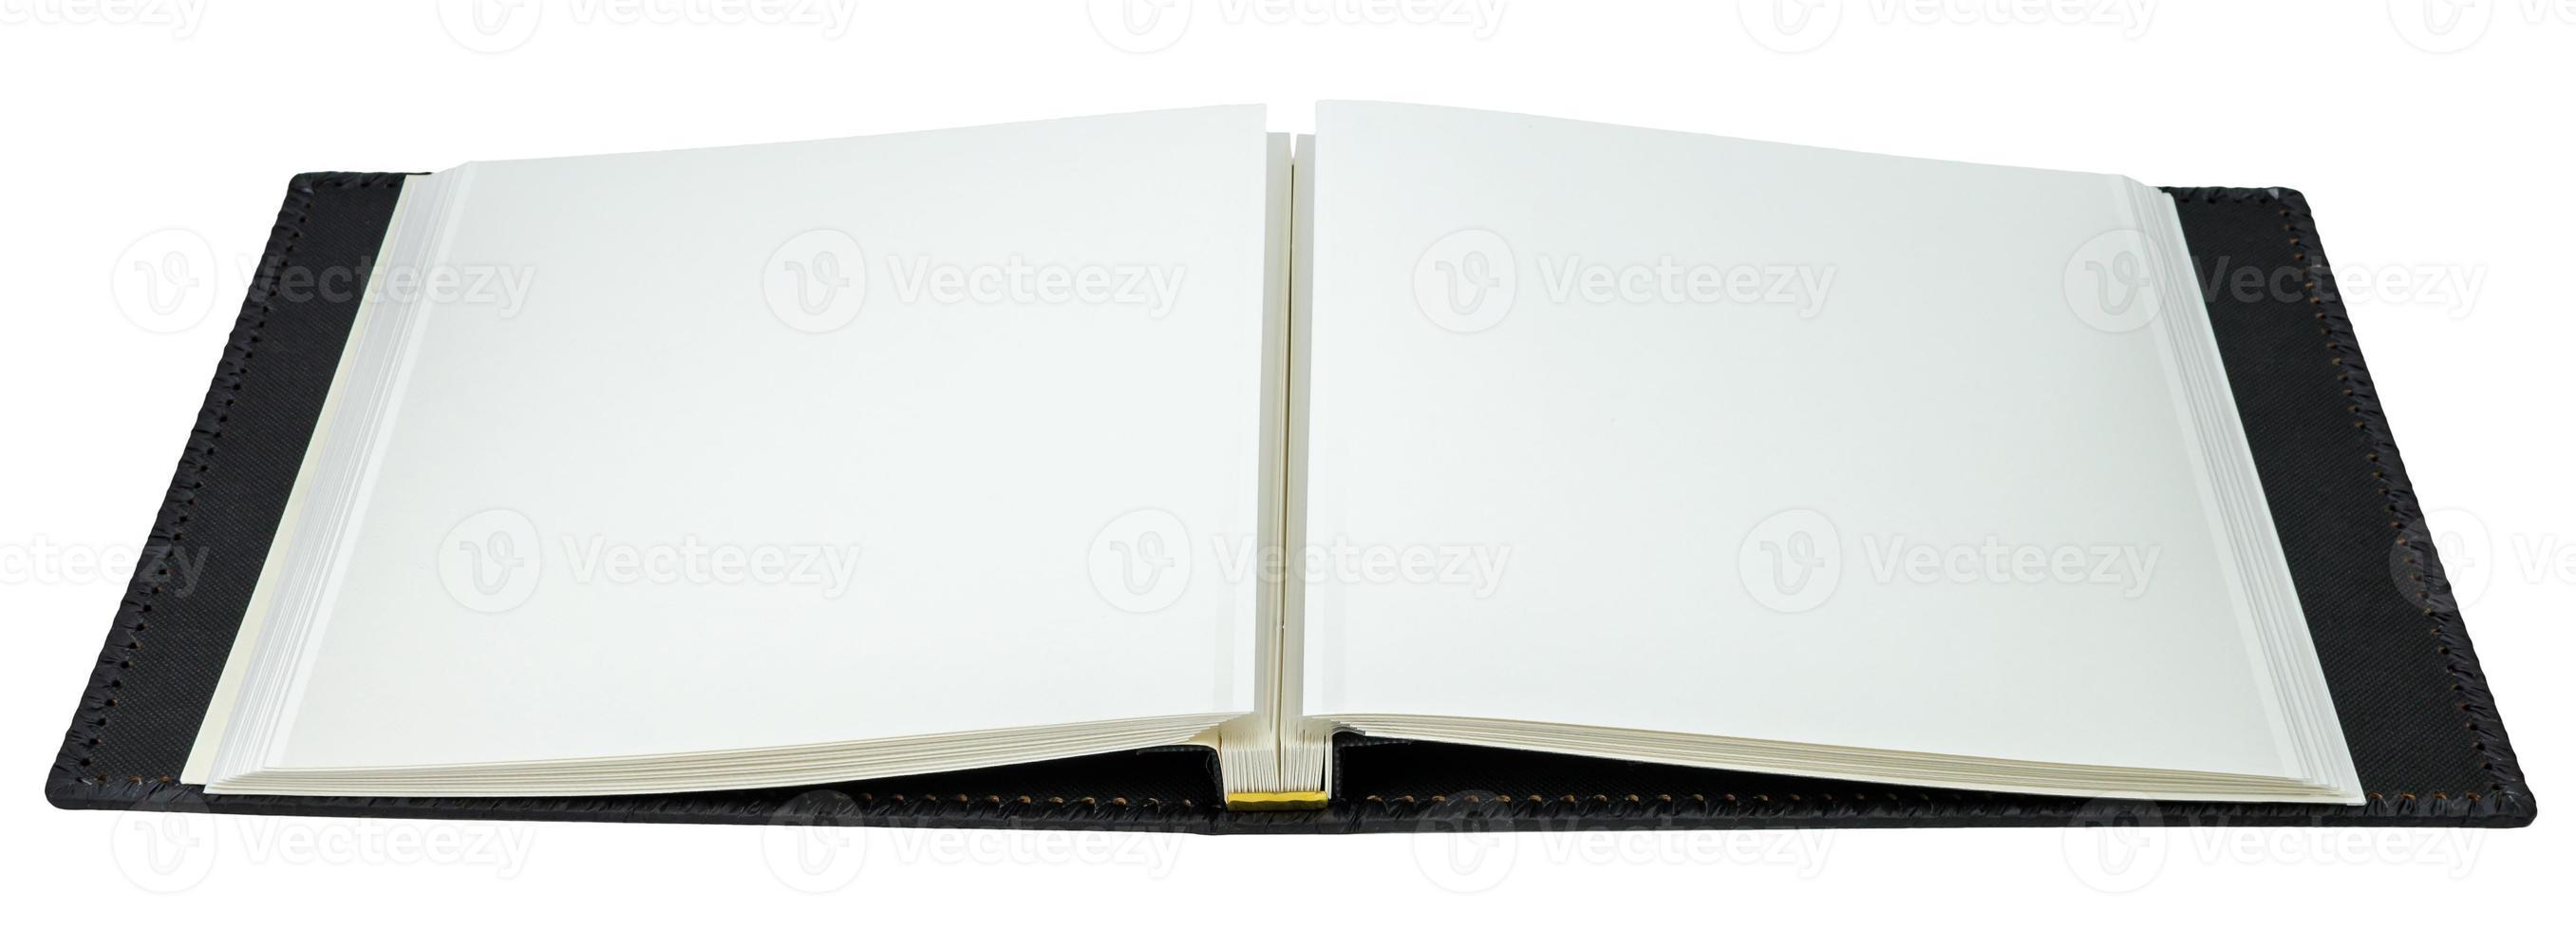 libro aperto con pagine bianche su sfondo bianco foto